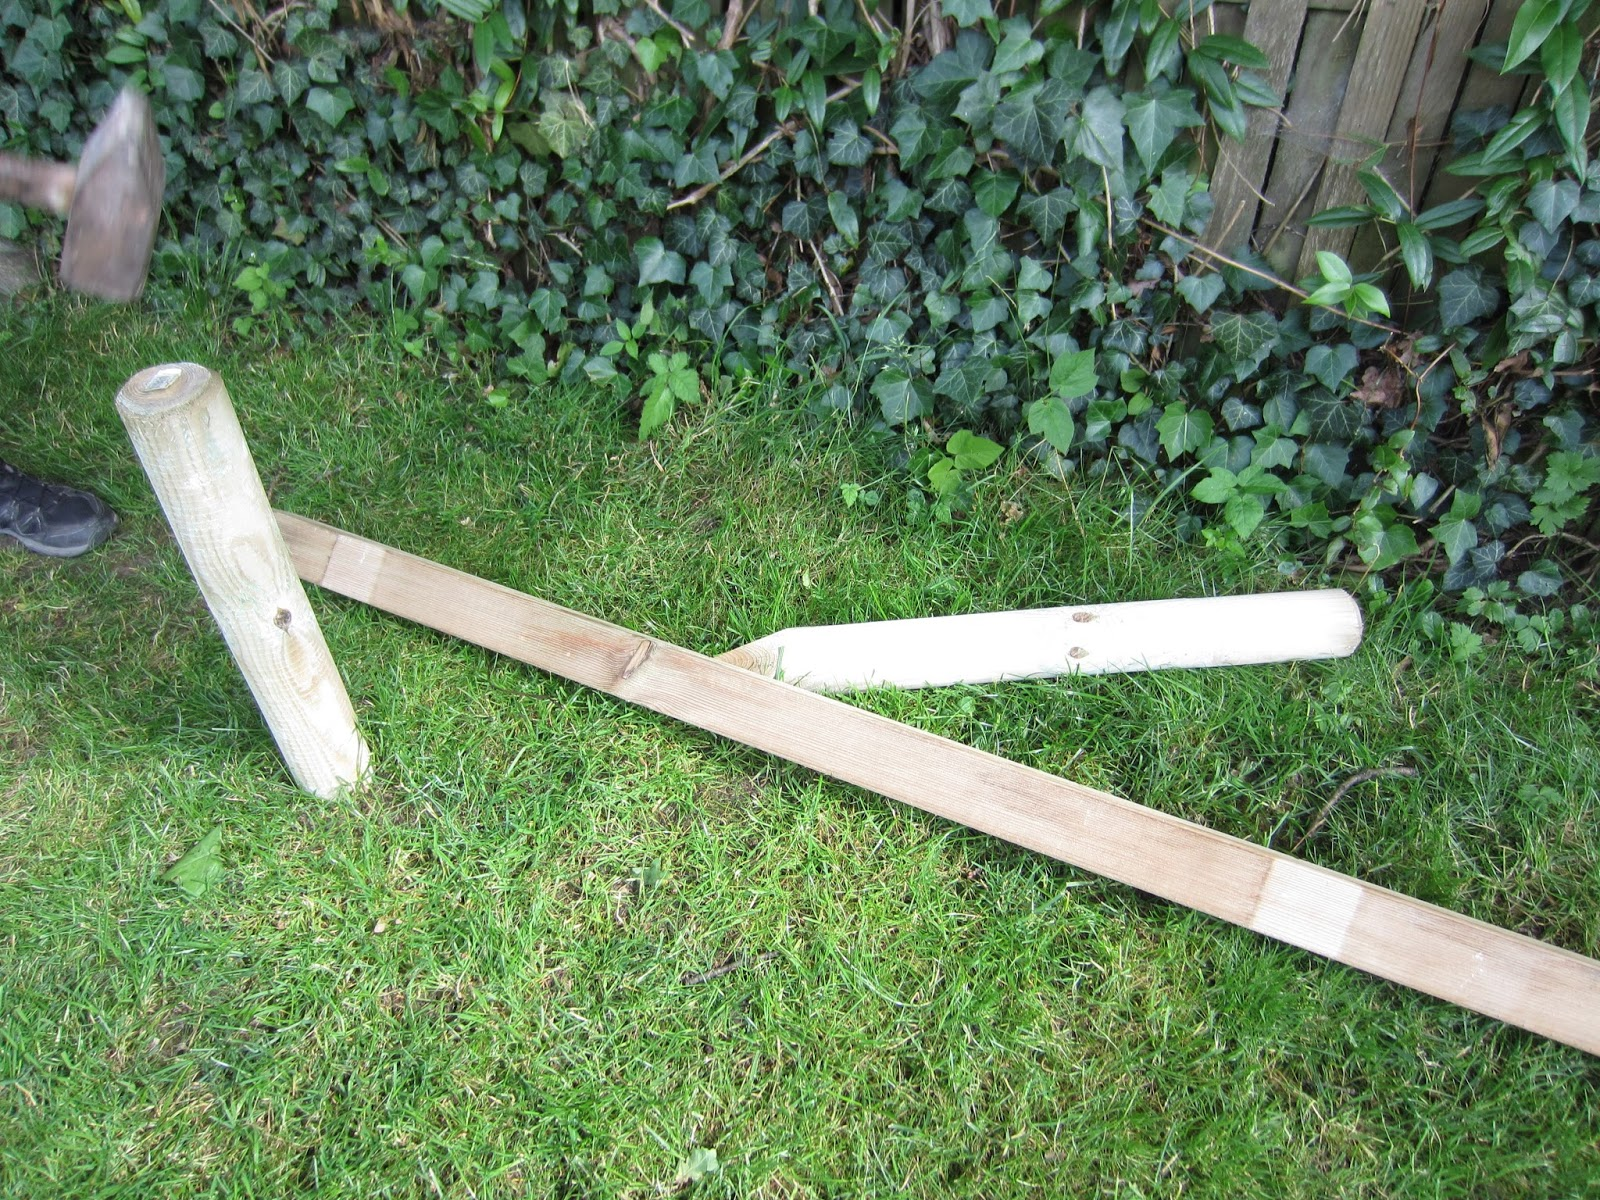 Gartenmobel Holz Bunt :  Kinder  und Familien  Blog Balancierbalken für Kinder selber bauen